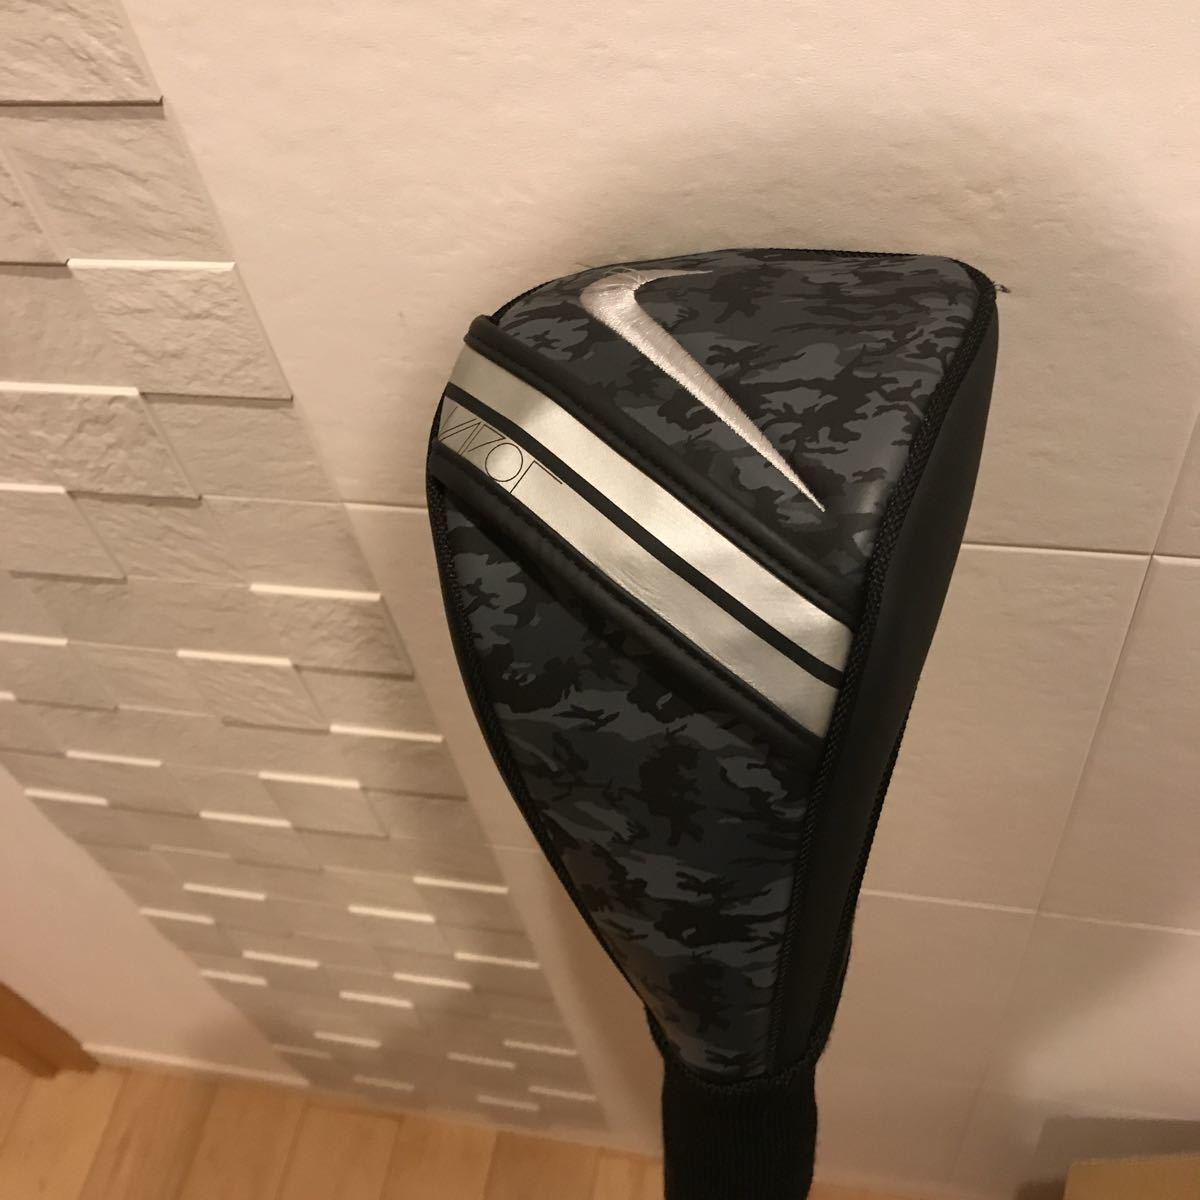 限定品 Nike VAPOR FLY BLACKOUT (ヴェイパーフライ ブラックアウト)